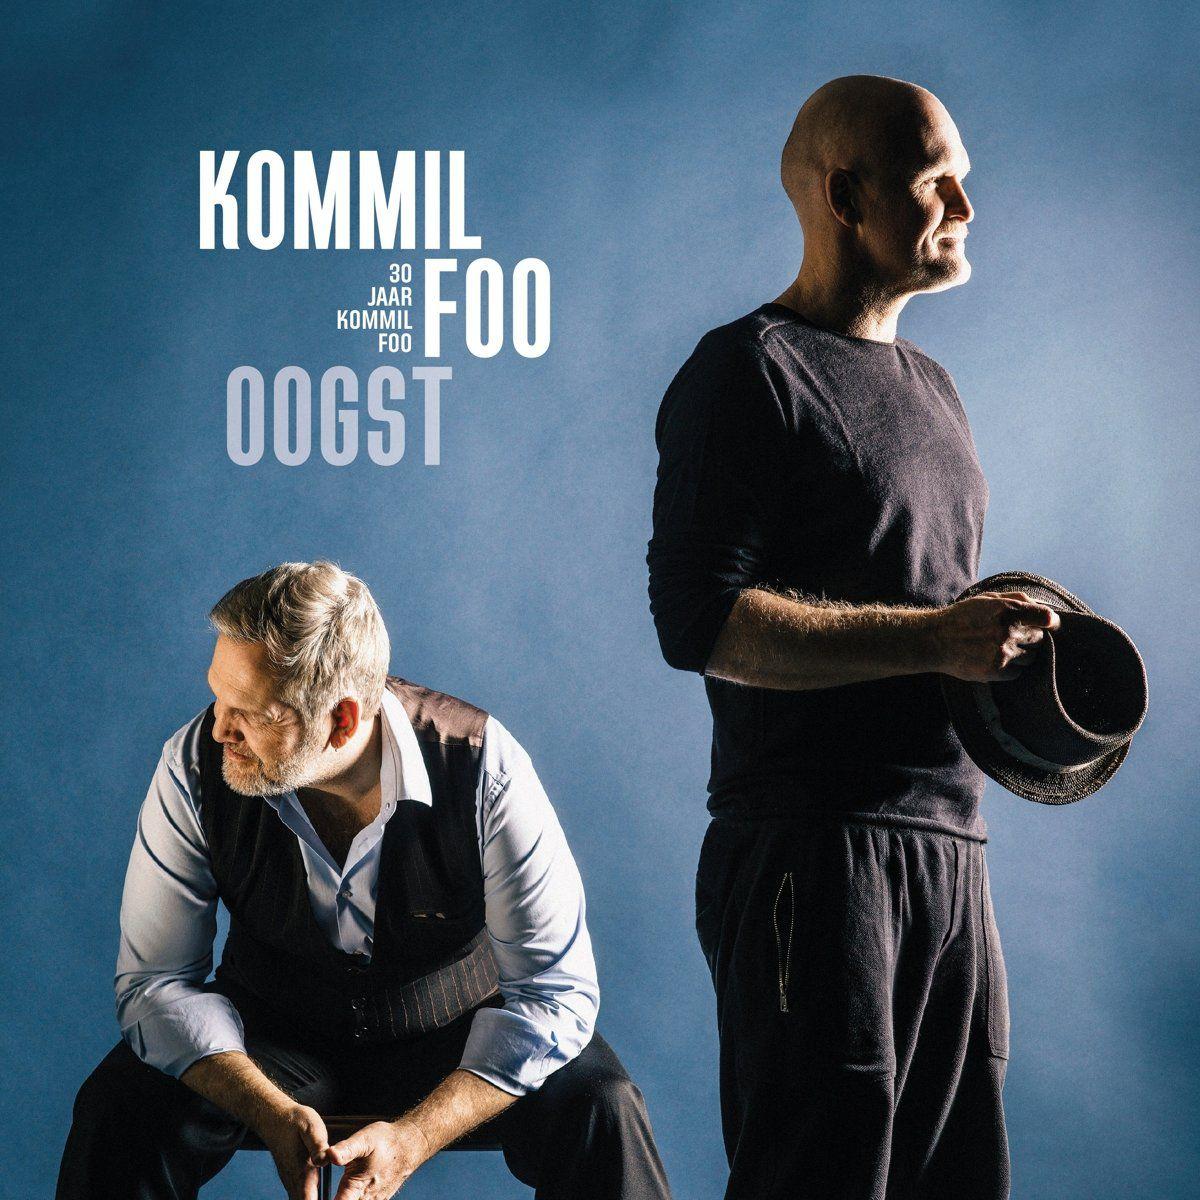 Kommil Foo - 'Oogst'